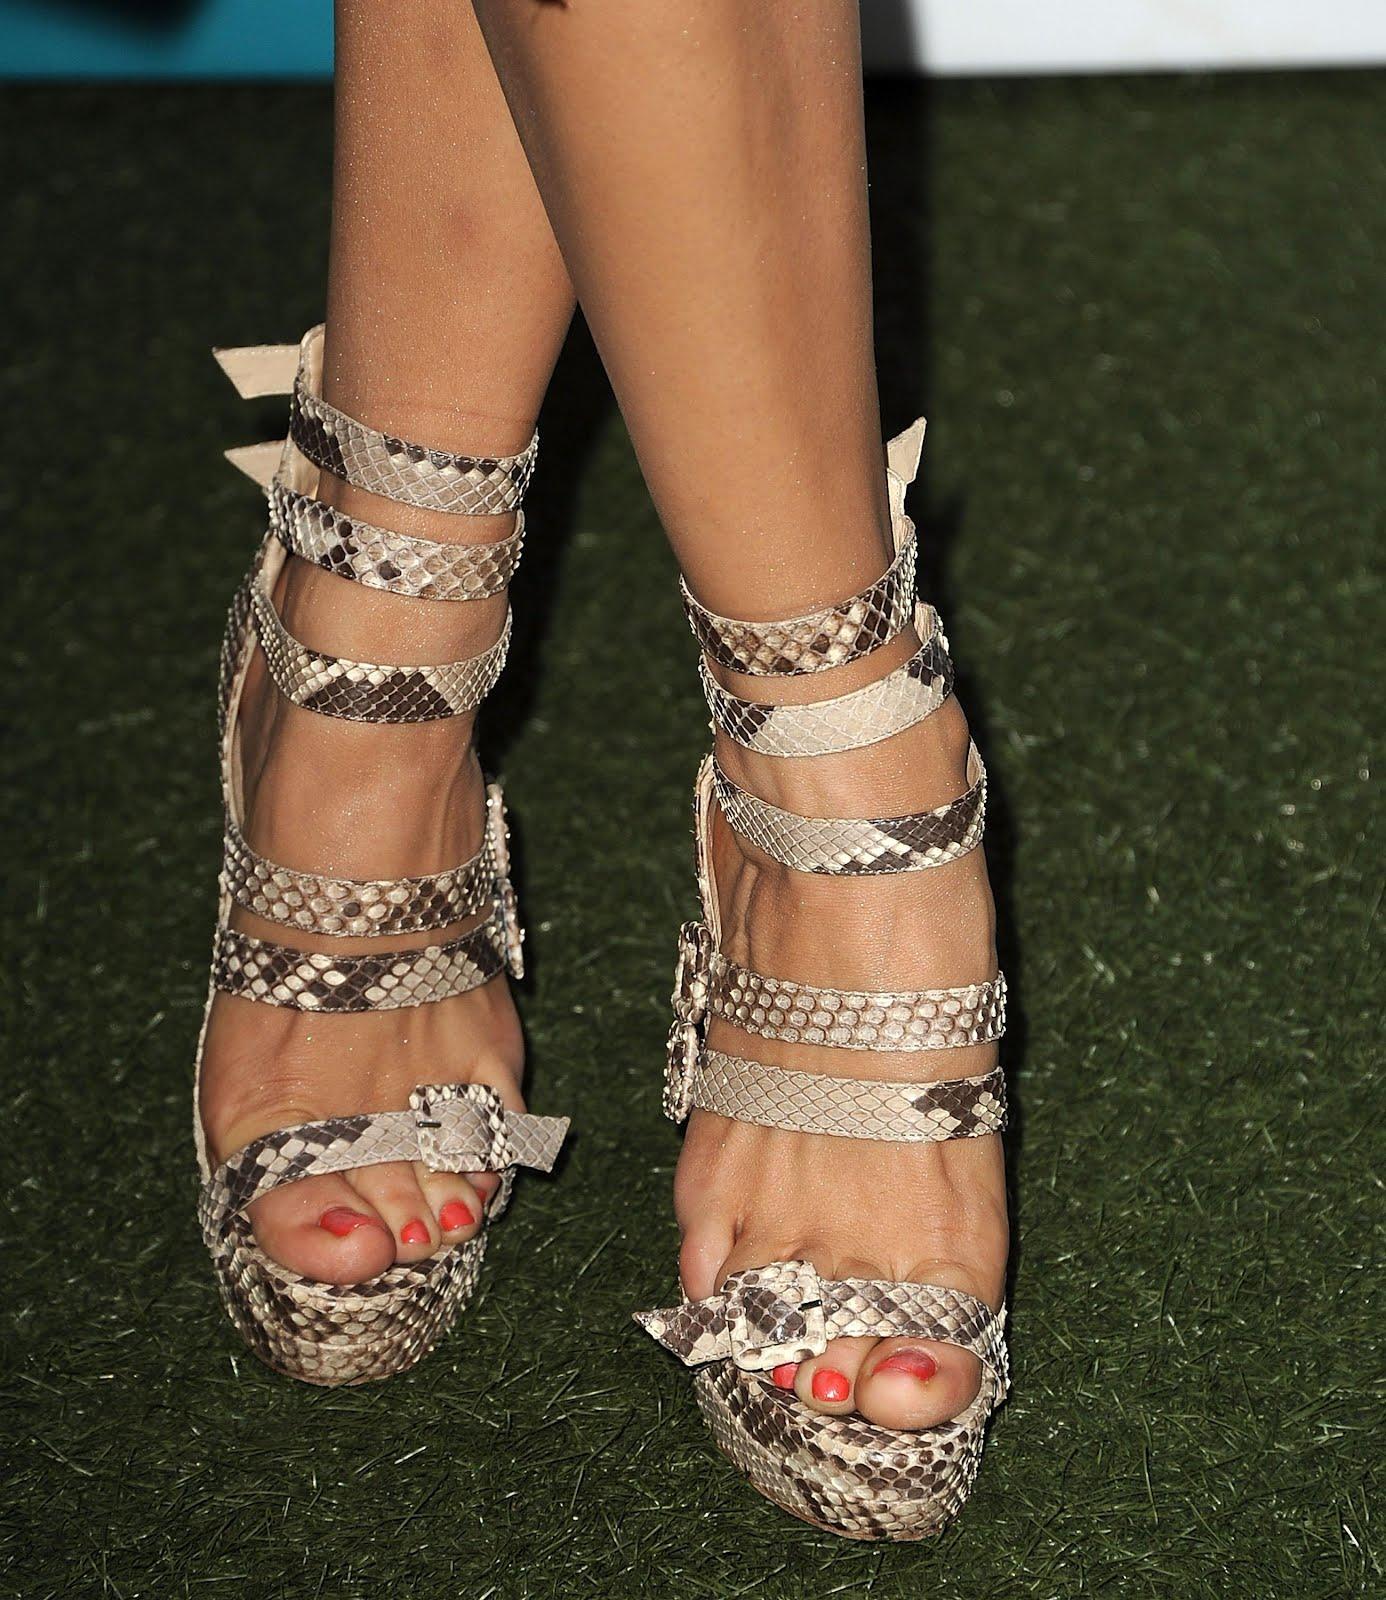 http://4.bp.blogspot.com/-7Iruf9Vi2oI/UBp7dyJY8iI/AAAAAAAAAQU/CXF9jkhzLtQ/s1600/Rose_McGowan_Feet_001.jpg